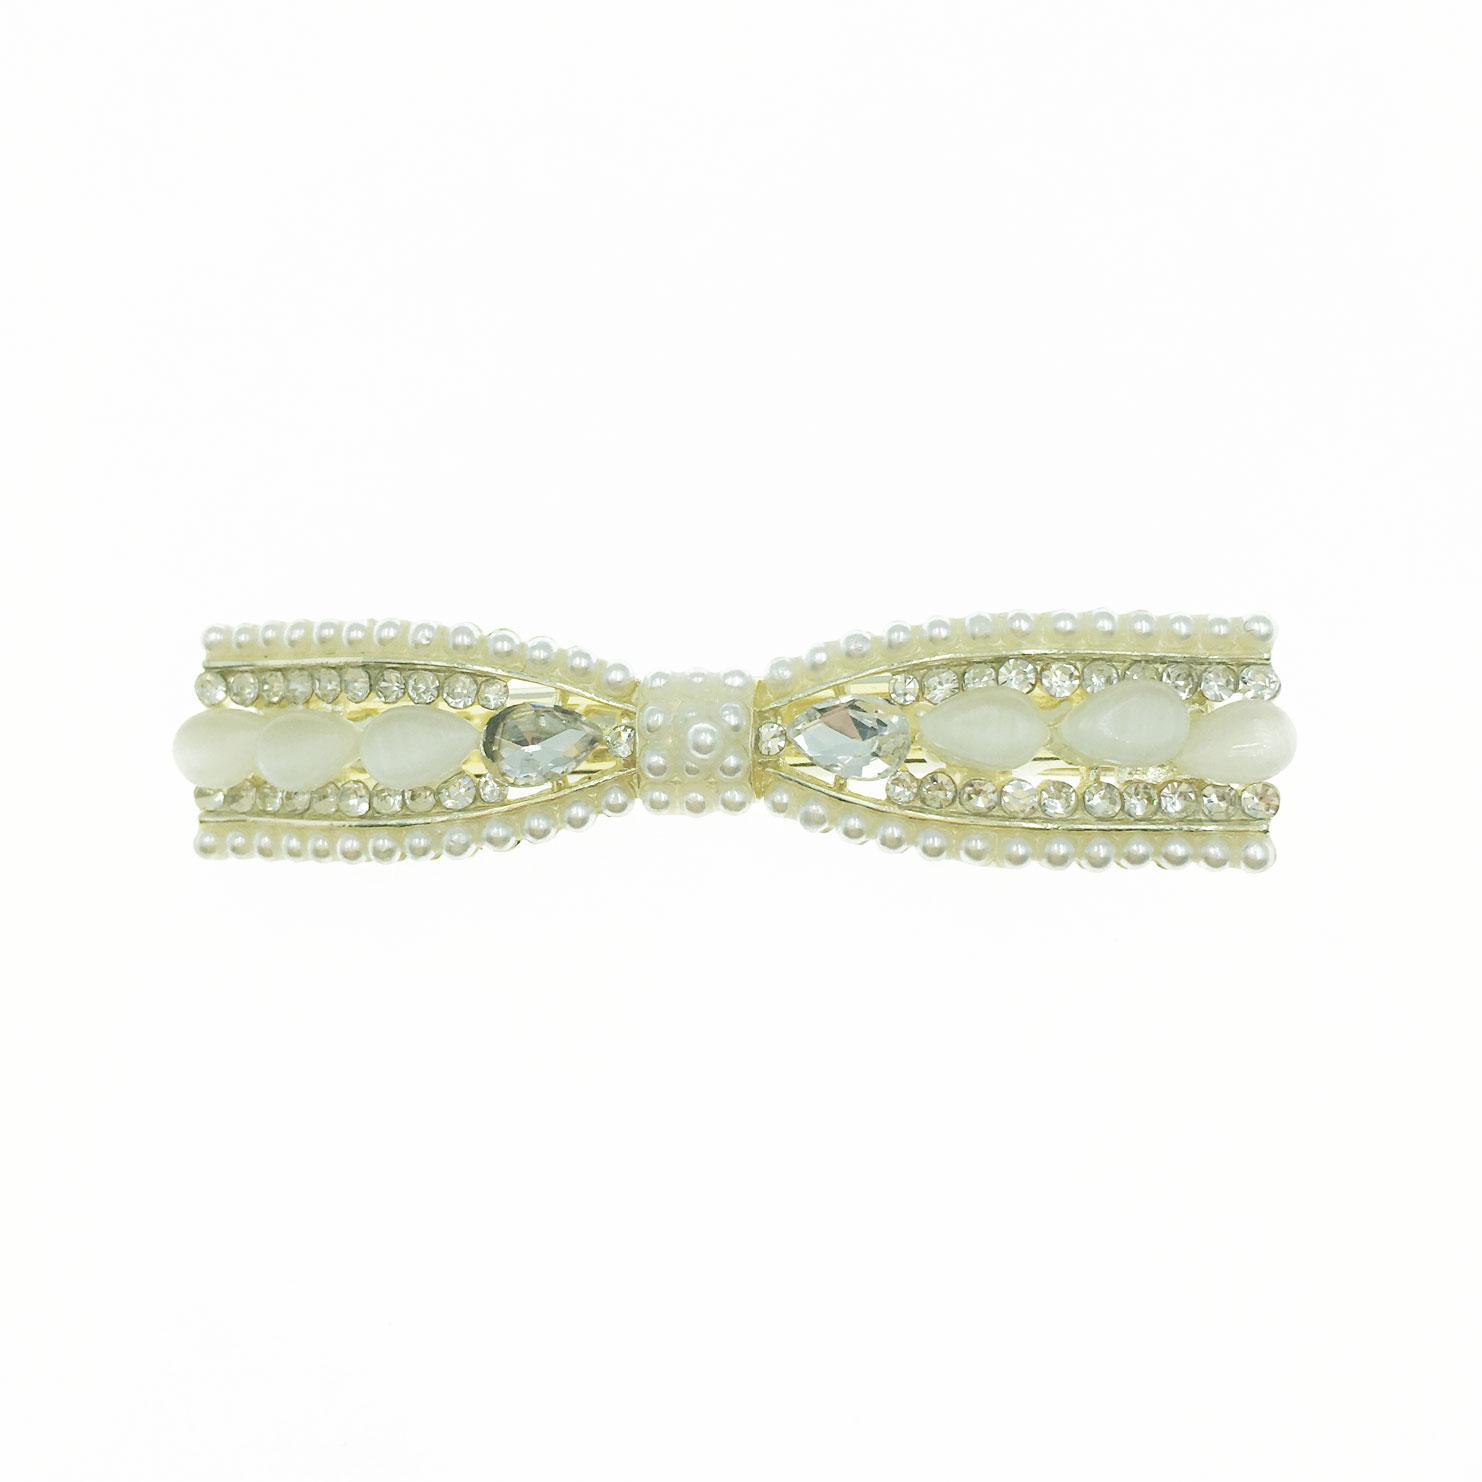 韓國 水鑽 珍珠 水滴 貓眼石 蝴蝶結 造型 壓夾 髮飾